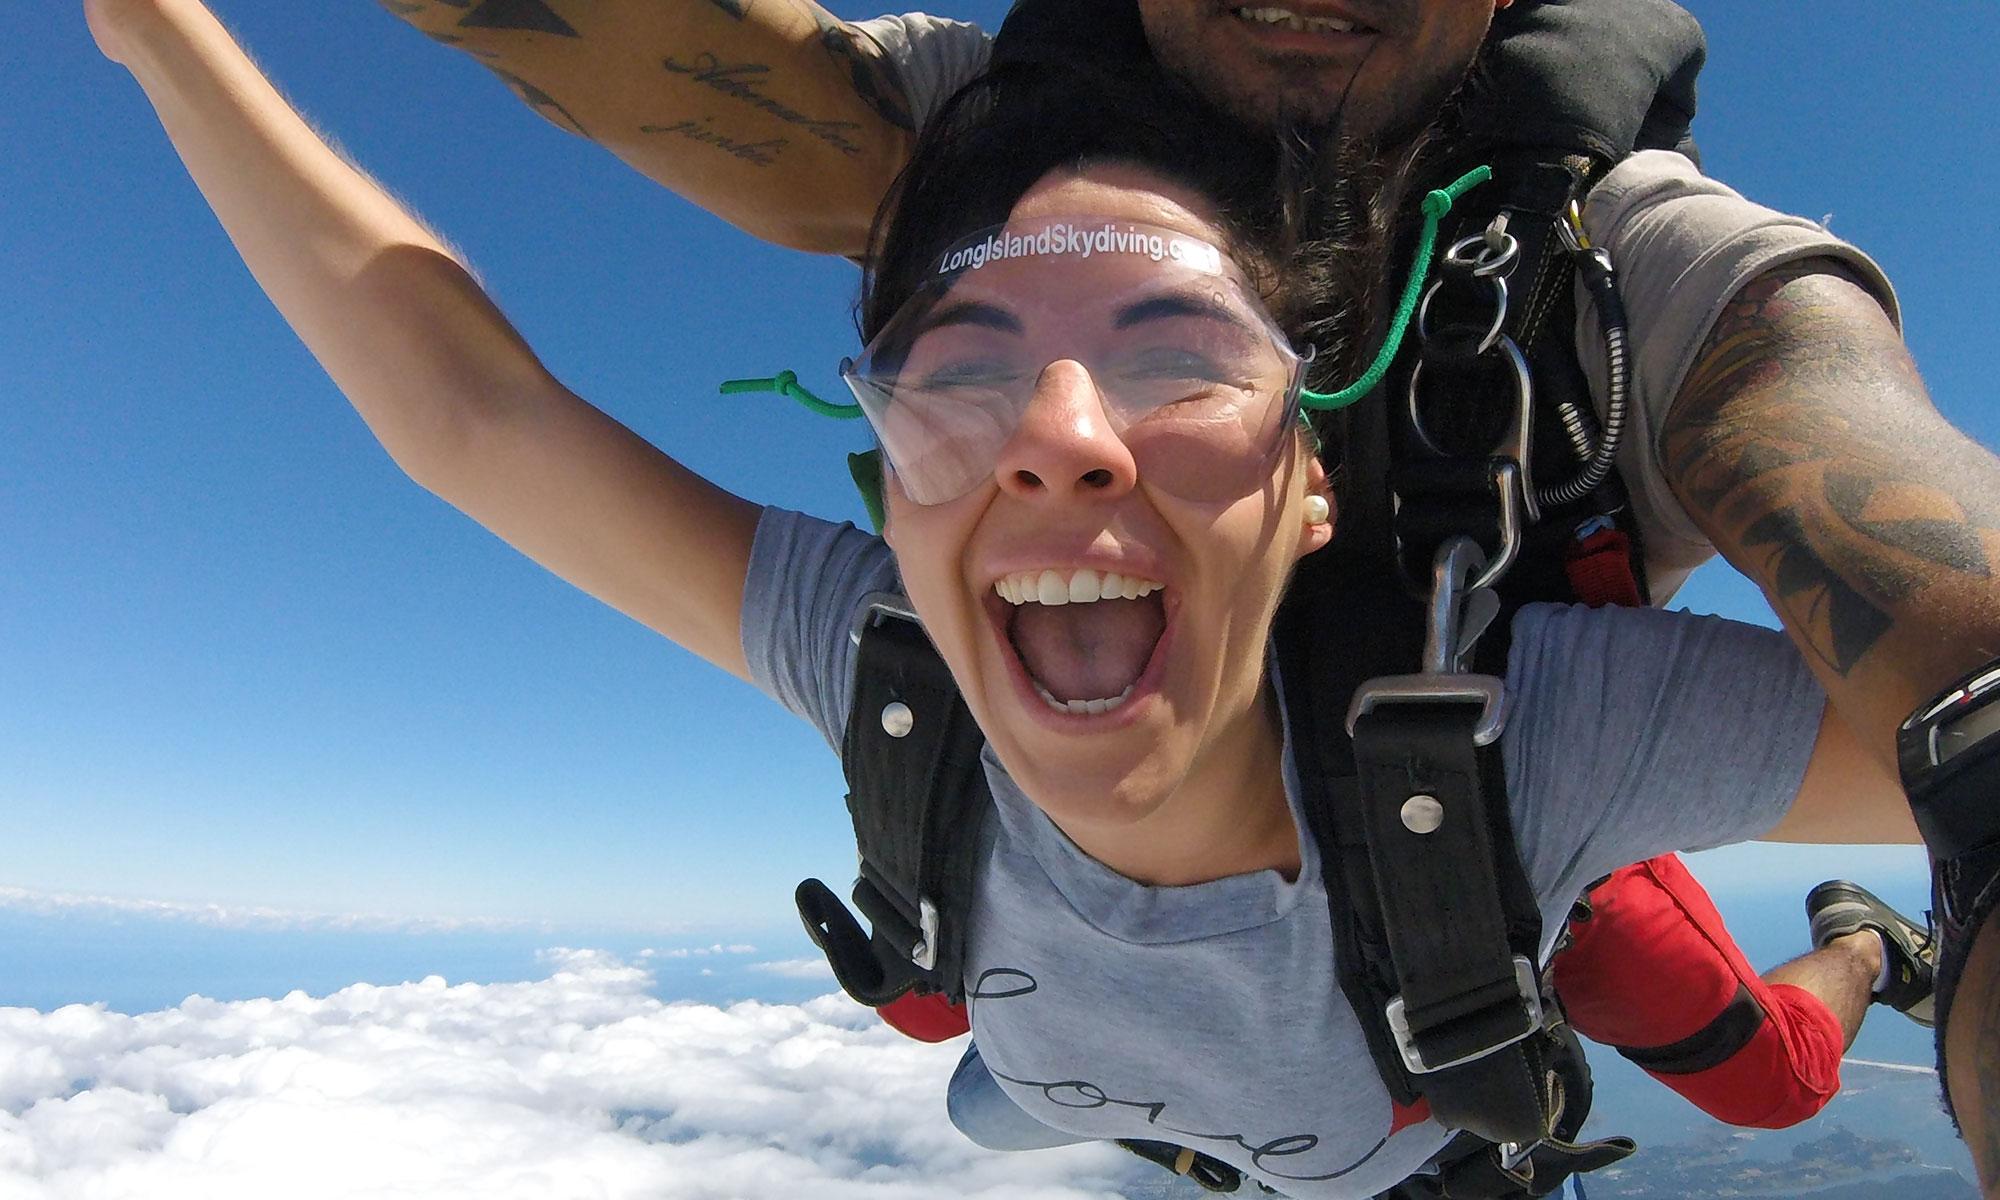 Skydiving speed